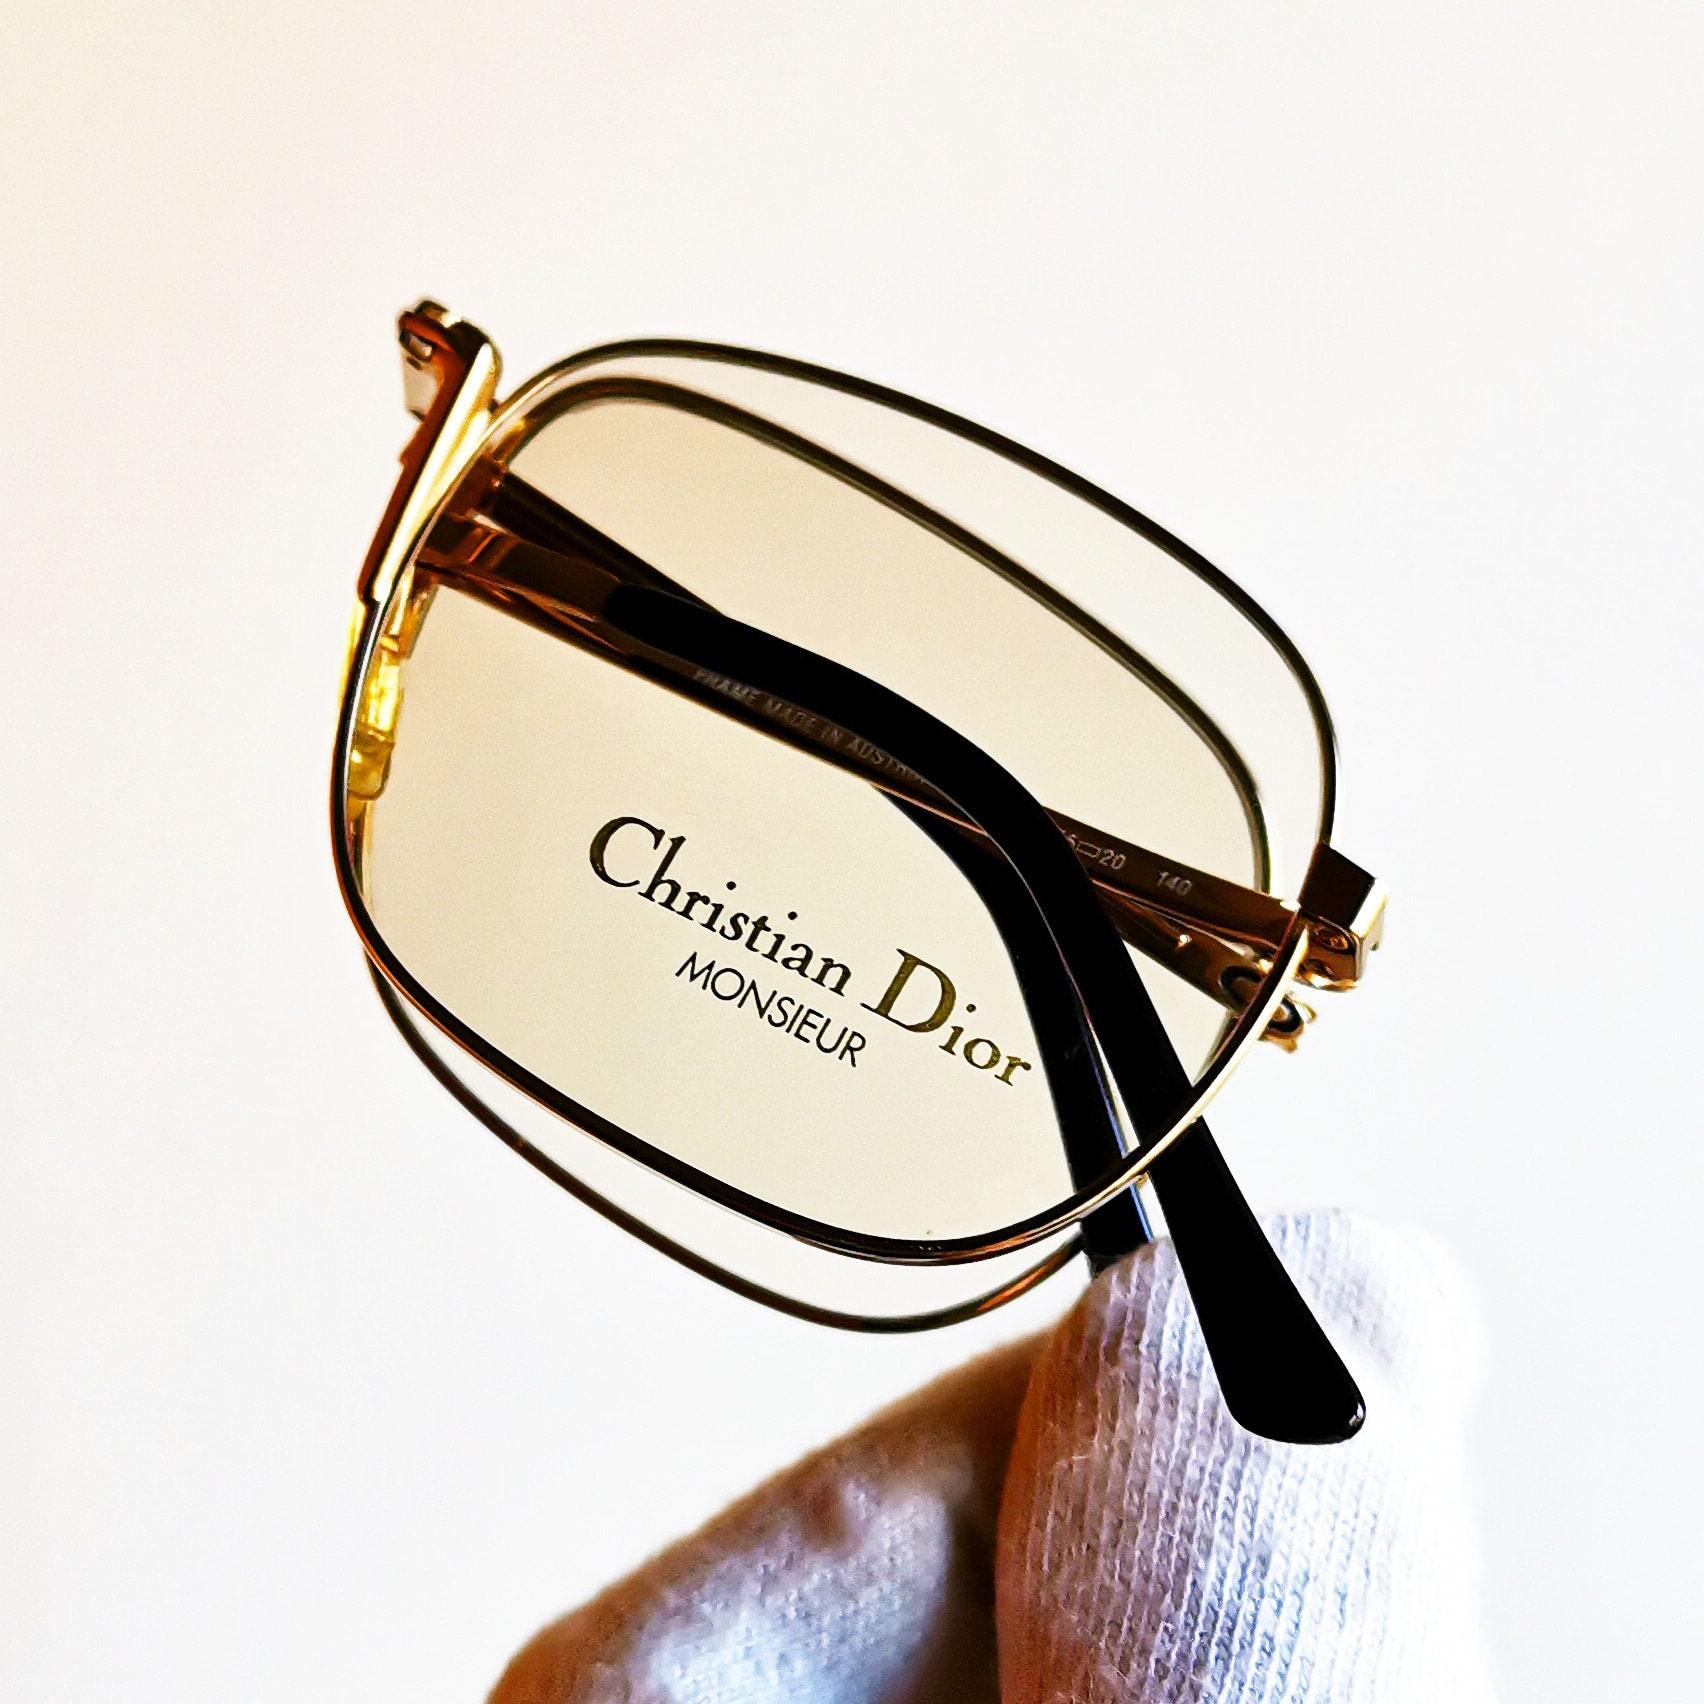 096b2a5cdf1a58 CHRISTIAN DIOR Monsieur vouwen Eyewear vintage brillen